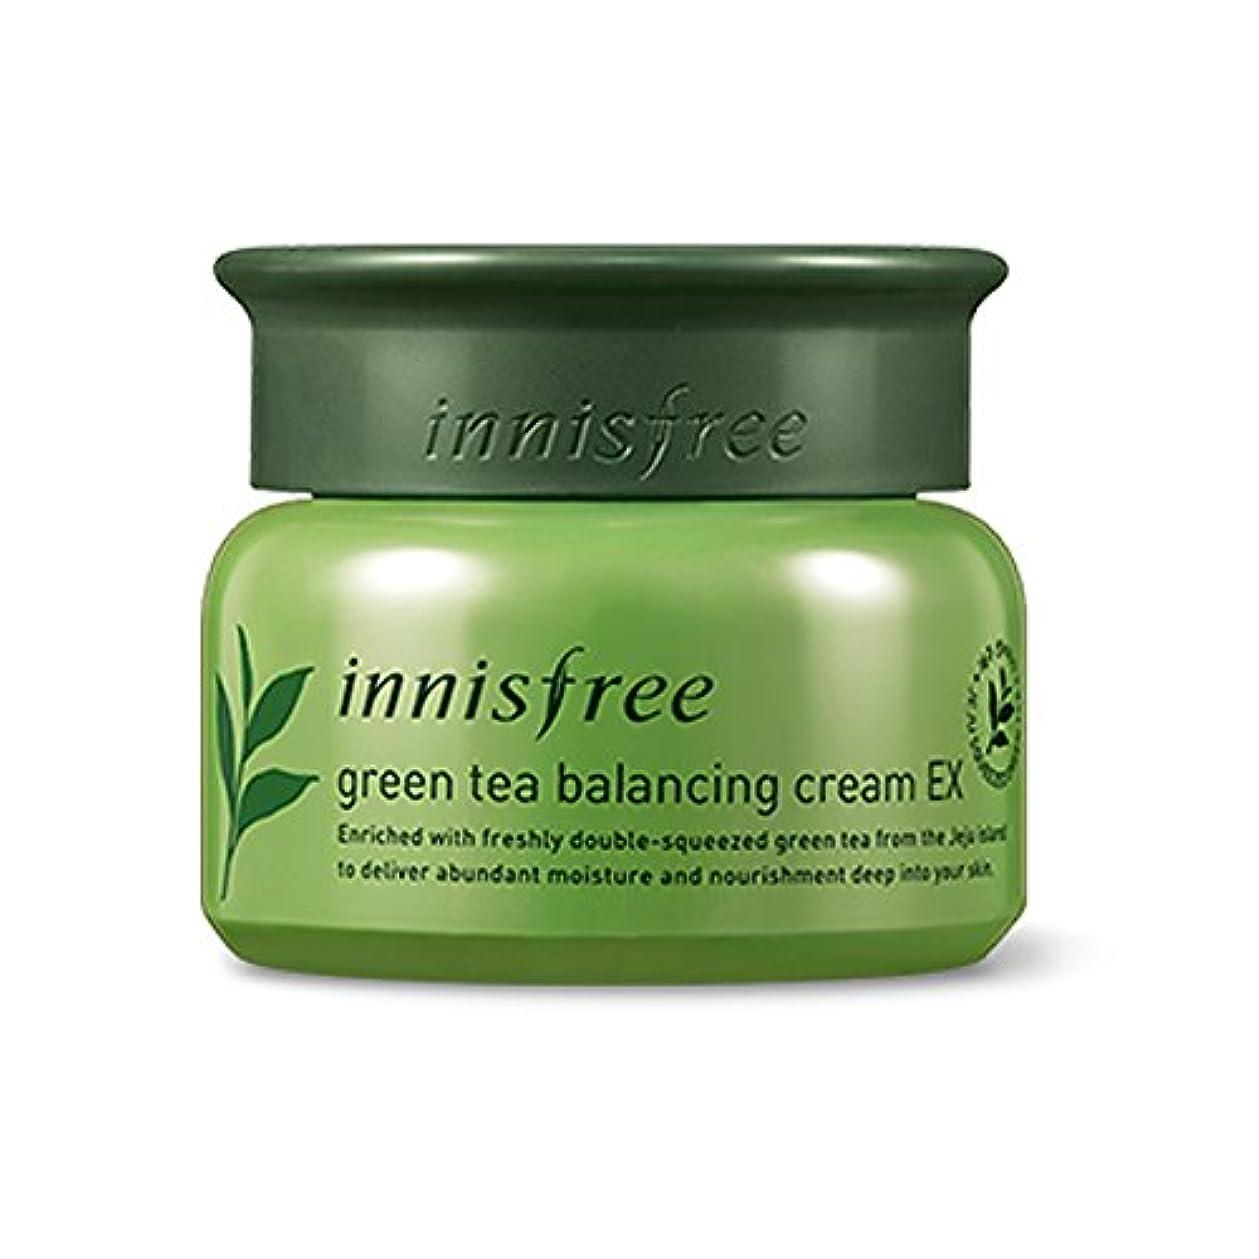 肌発動機泣き叫ぶイニスフリーグリーンティーバランスクリーム50ml「2018新製品」 Innisfree Green Tea Balancing Cream 50ml